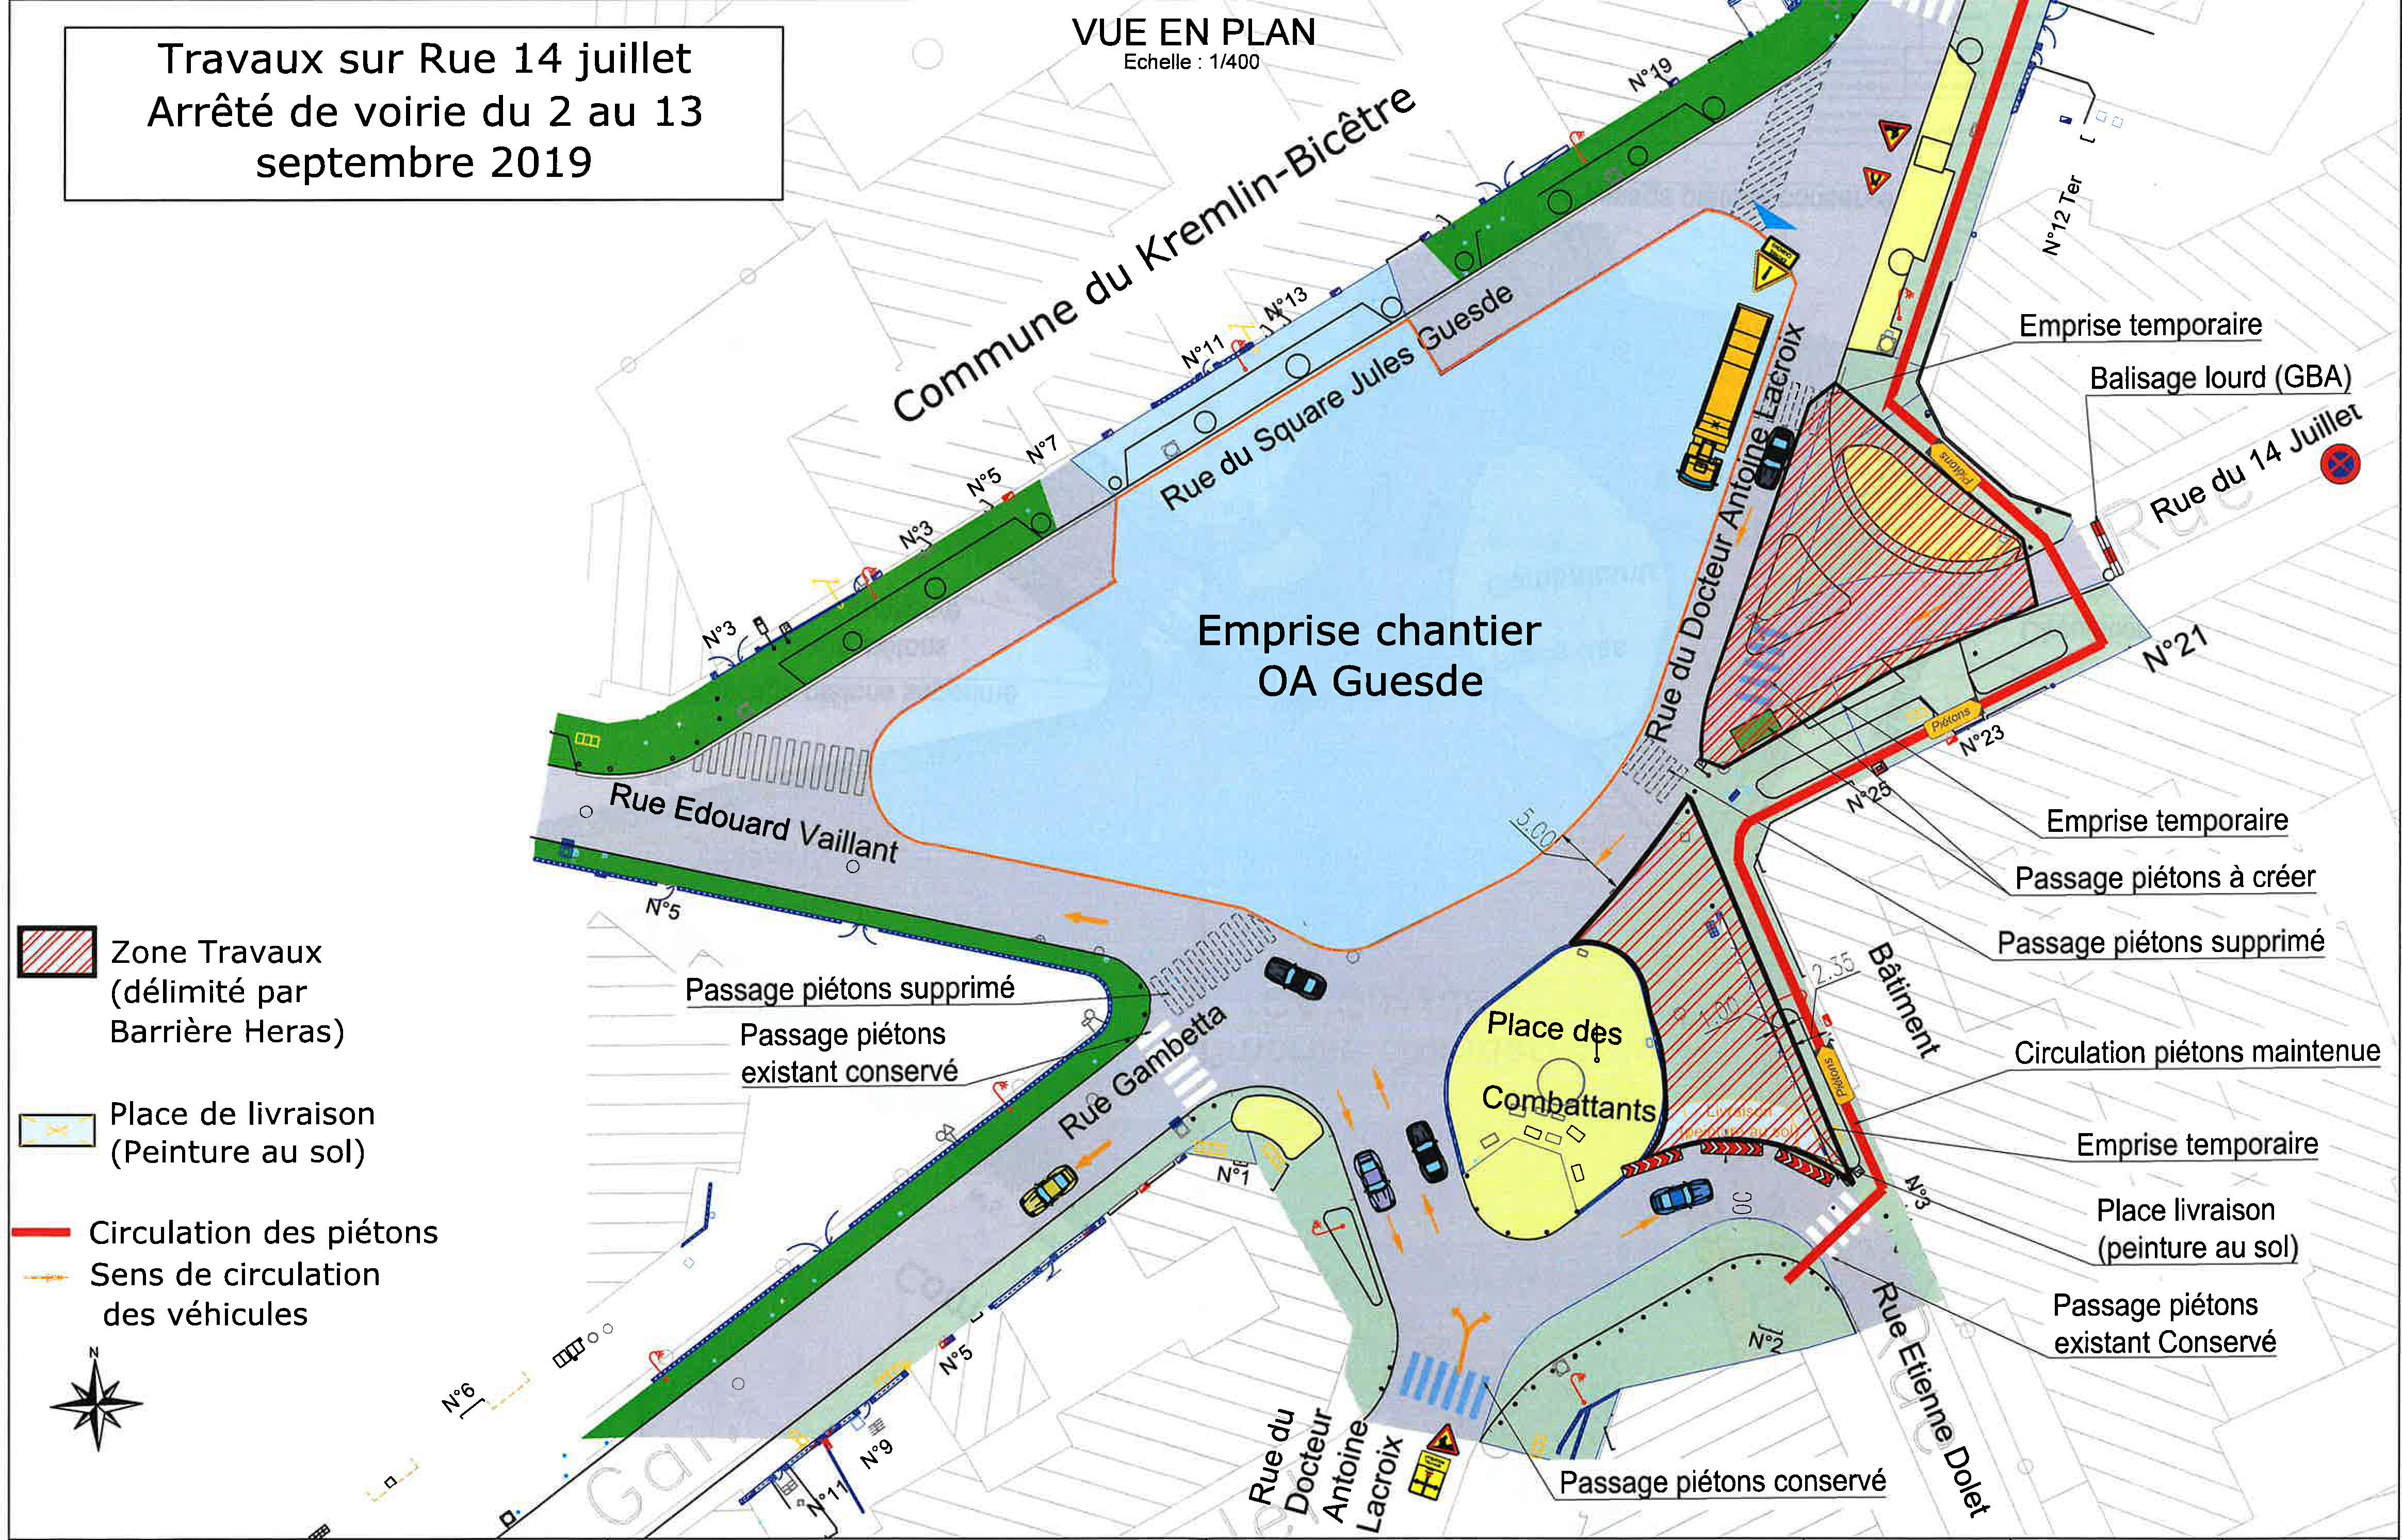 Plan des circulations routières sur la place des Combattants au Kremlin-Bicêtre